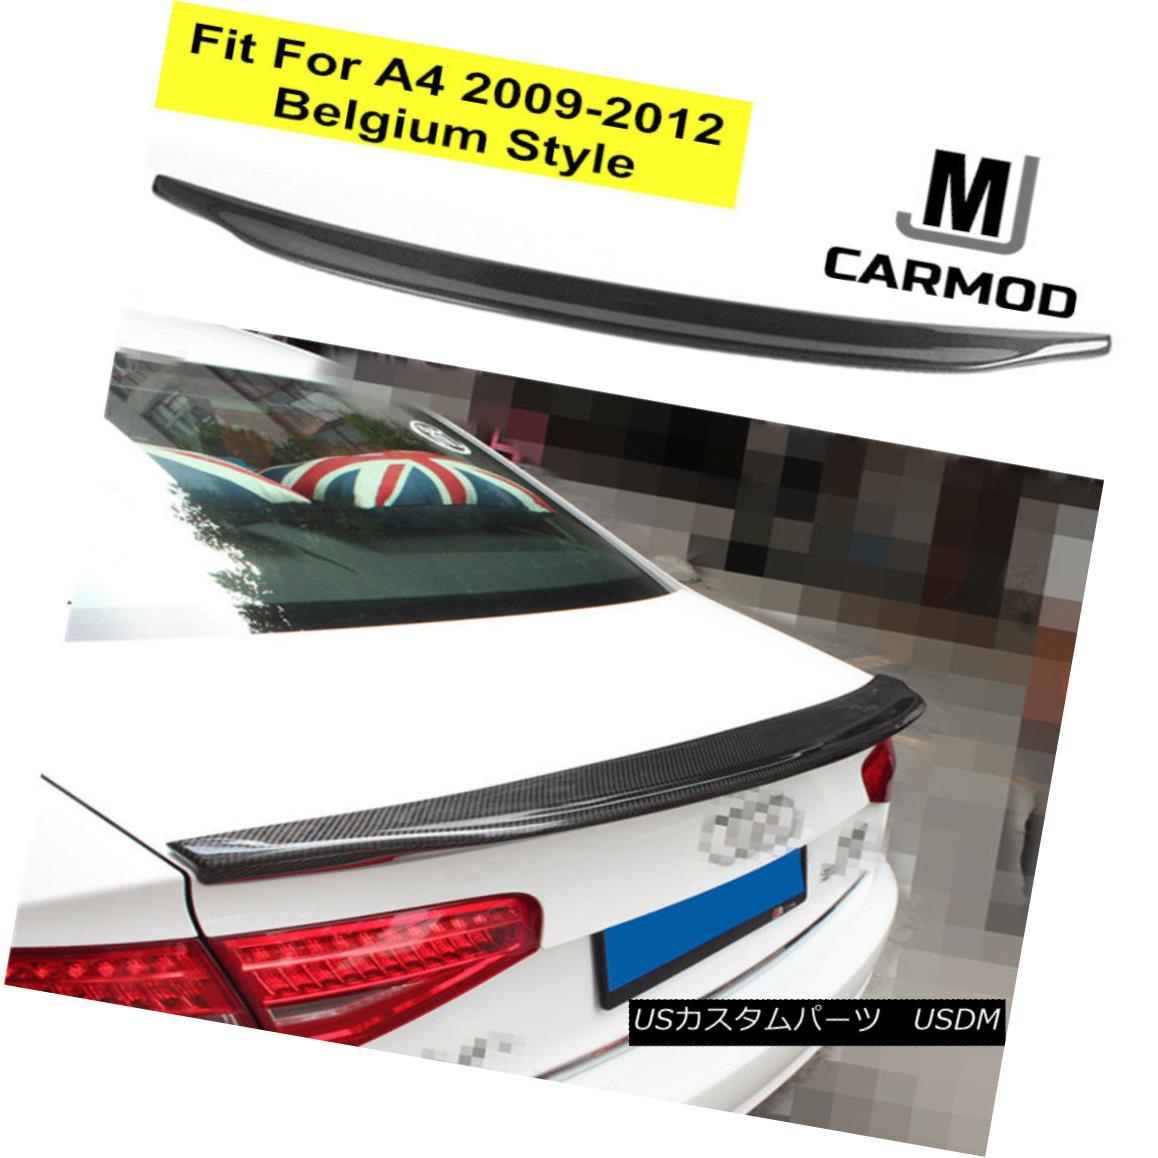 エアロパーツ Fit For AUDI A4 B8 SEDAN 2008-2012 Belg TYPE CARBON FIBER REAR TRUNK LIP SPOILER AUDI A4 B8 SEDAN 2008-2012に適合するベルギータイプ炭素繊維リアトゥーリップスポイラー